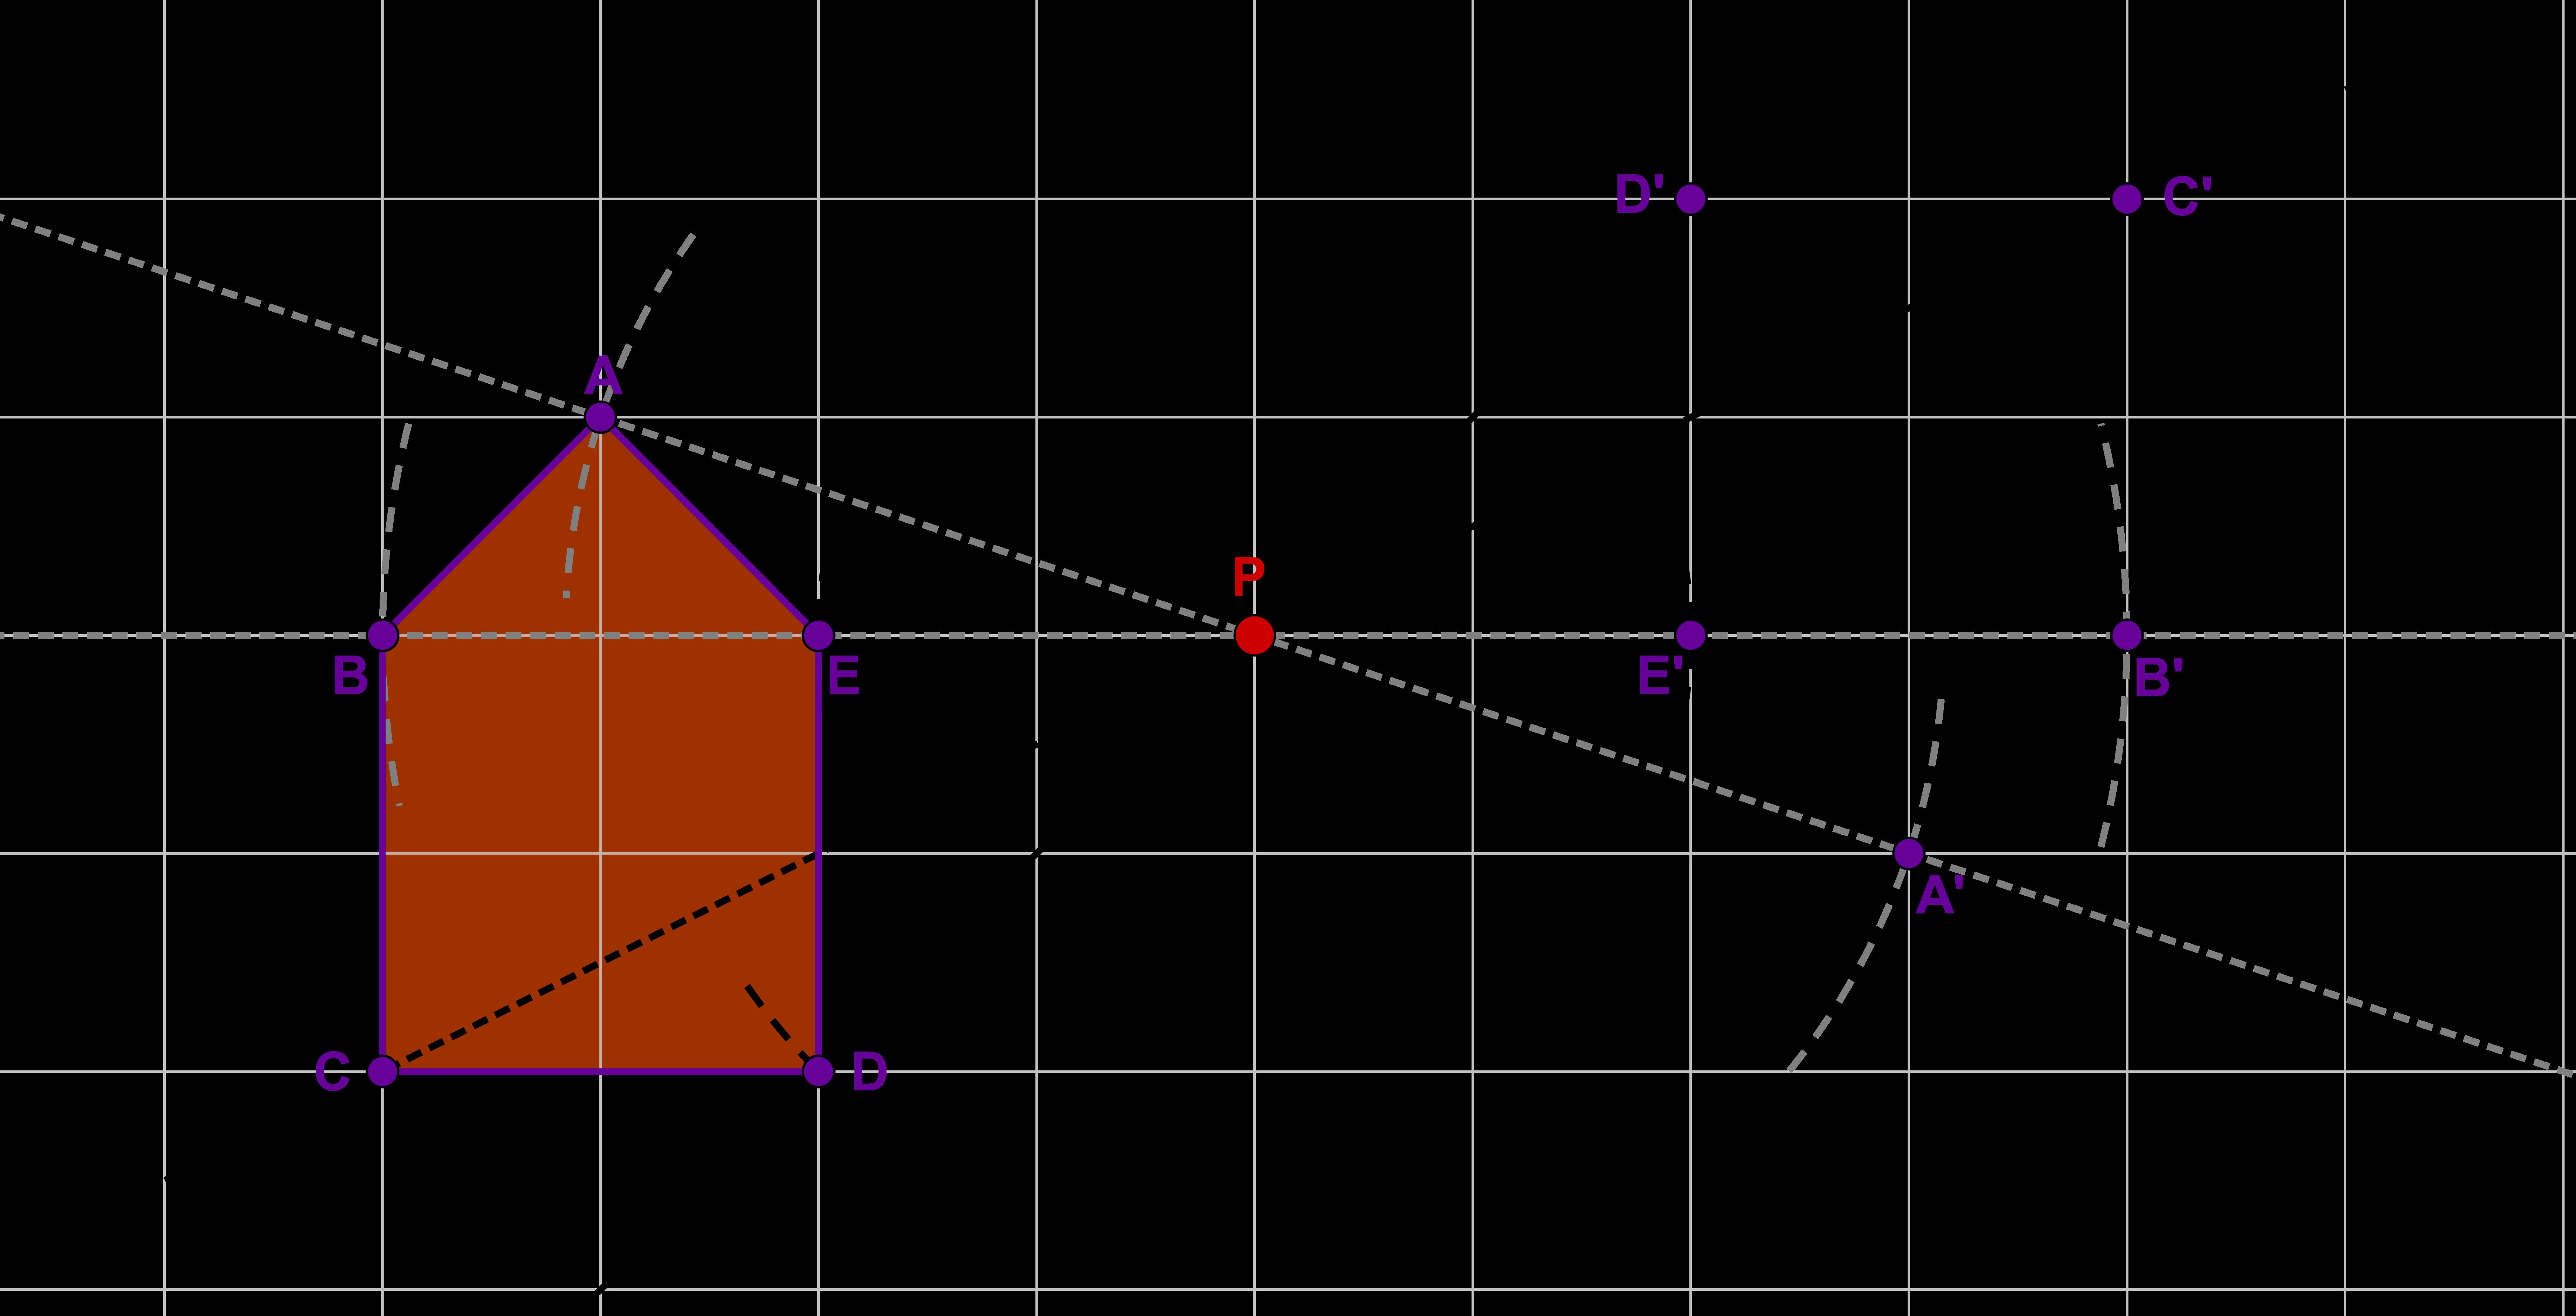 Punkt C und D